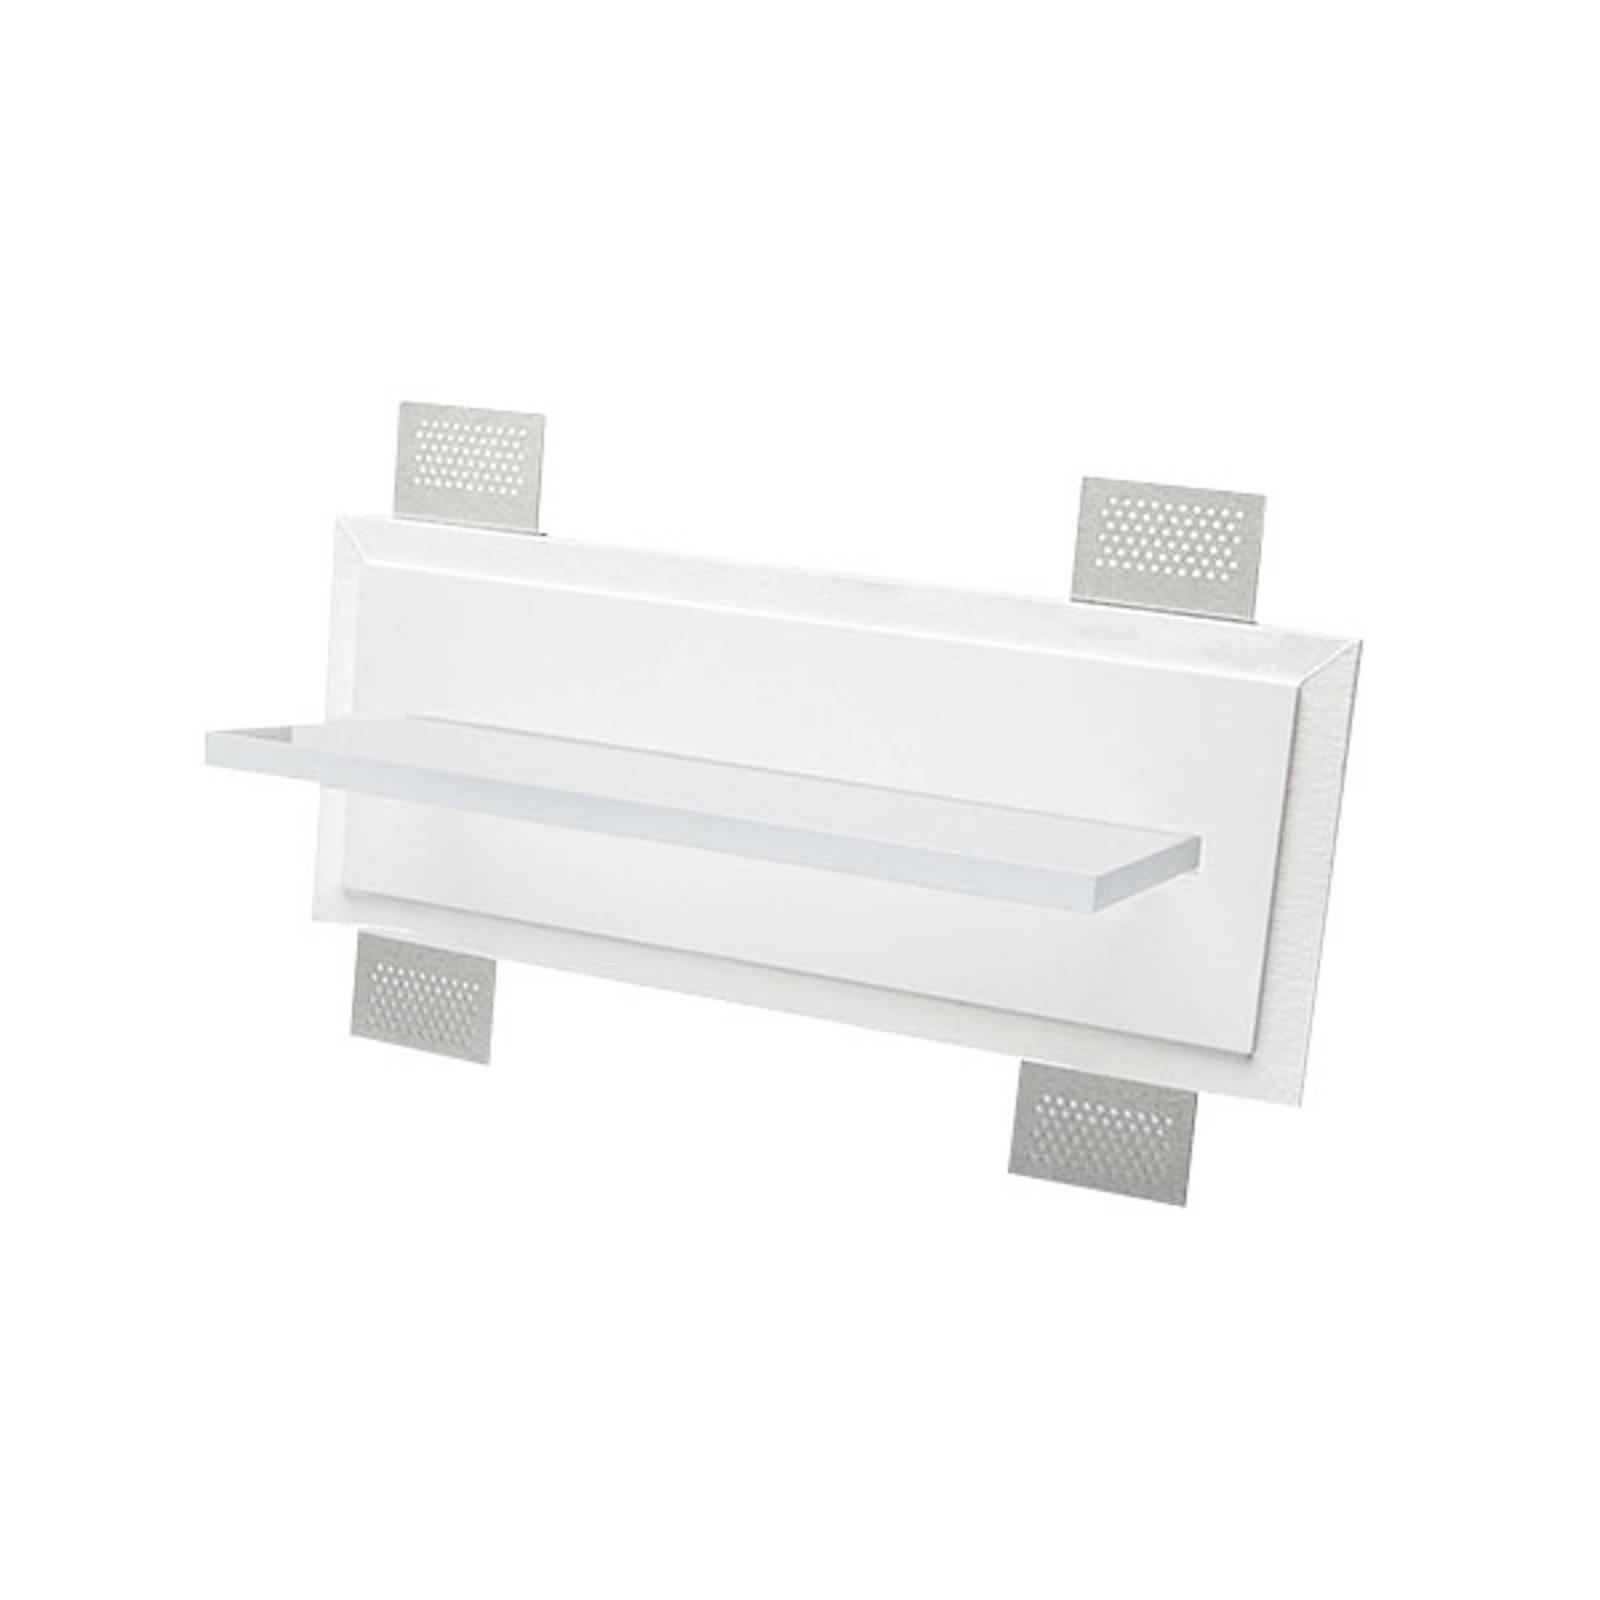 LED-seinäuppovalaisin 2484A, leveys 40 cm, 4 000 K